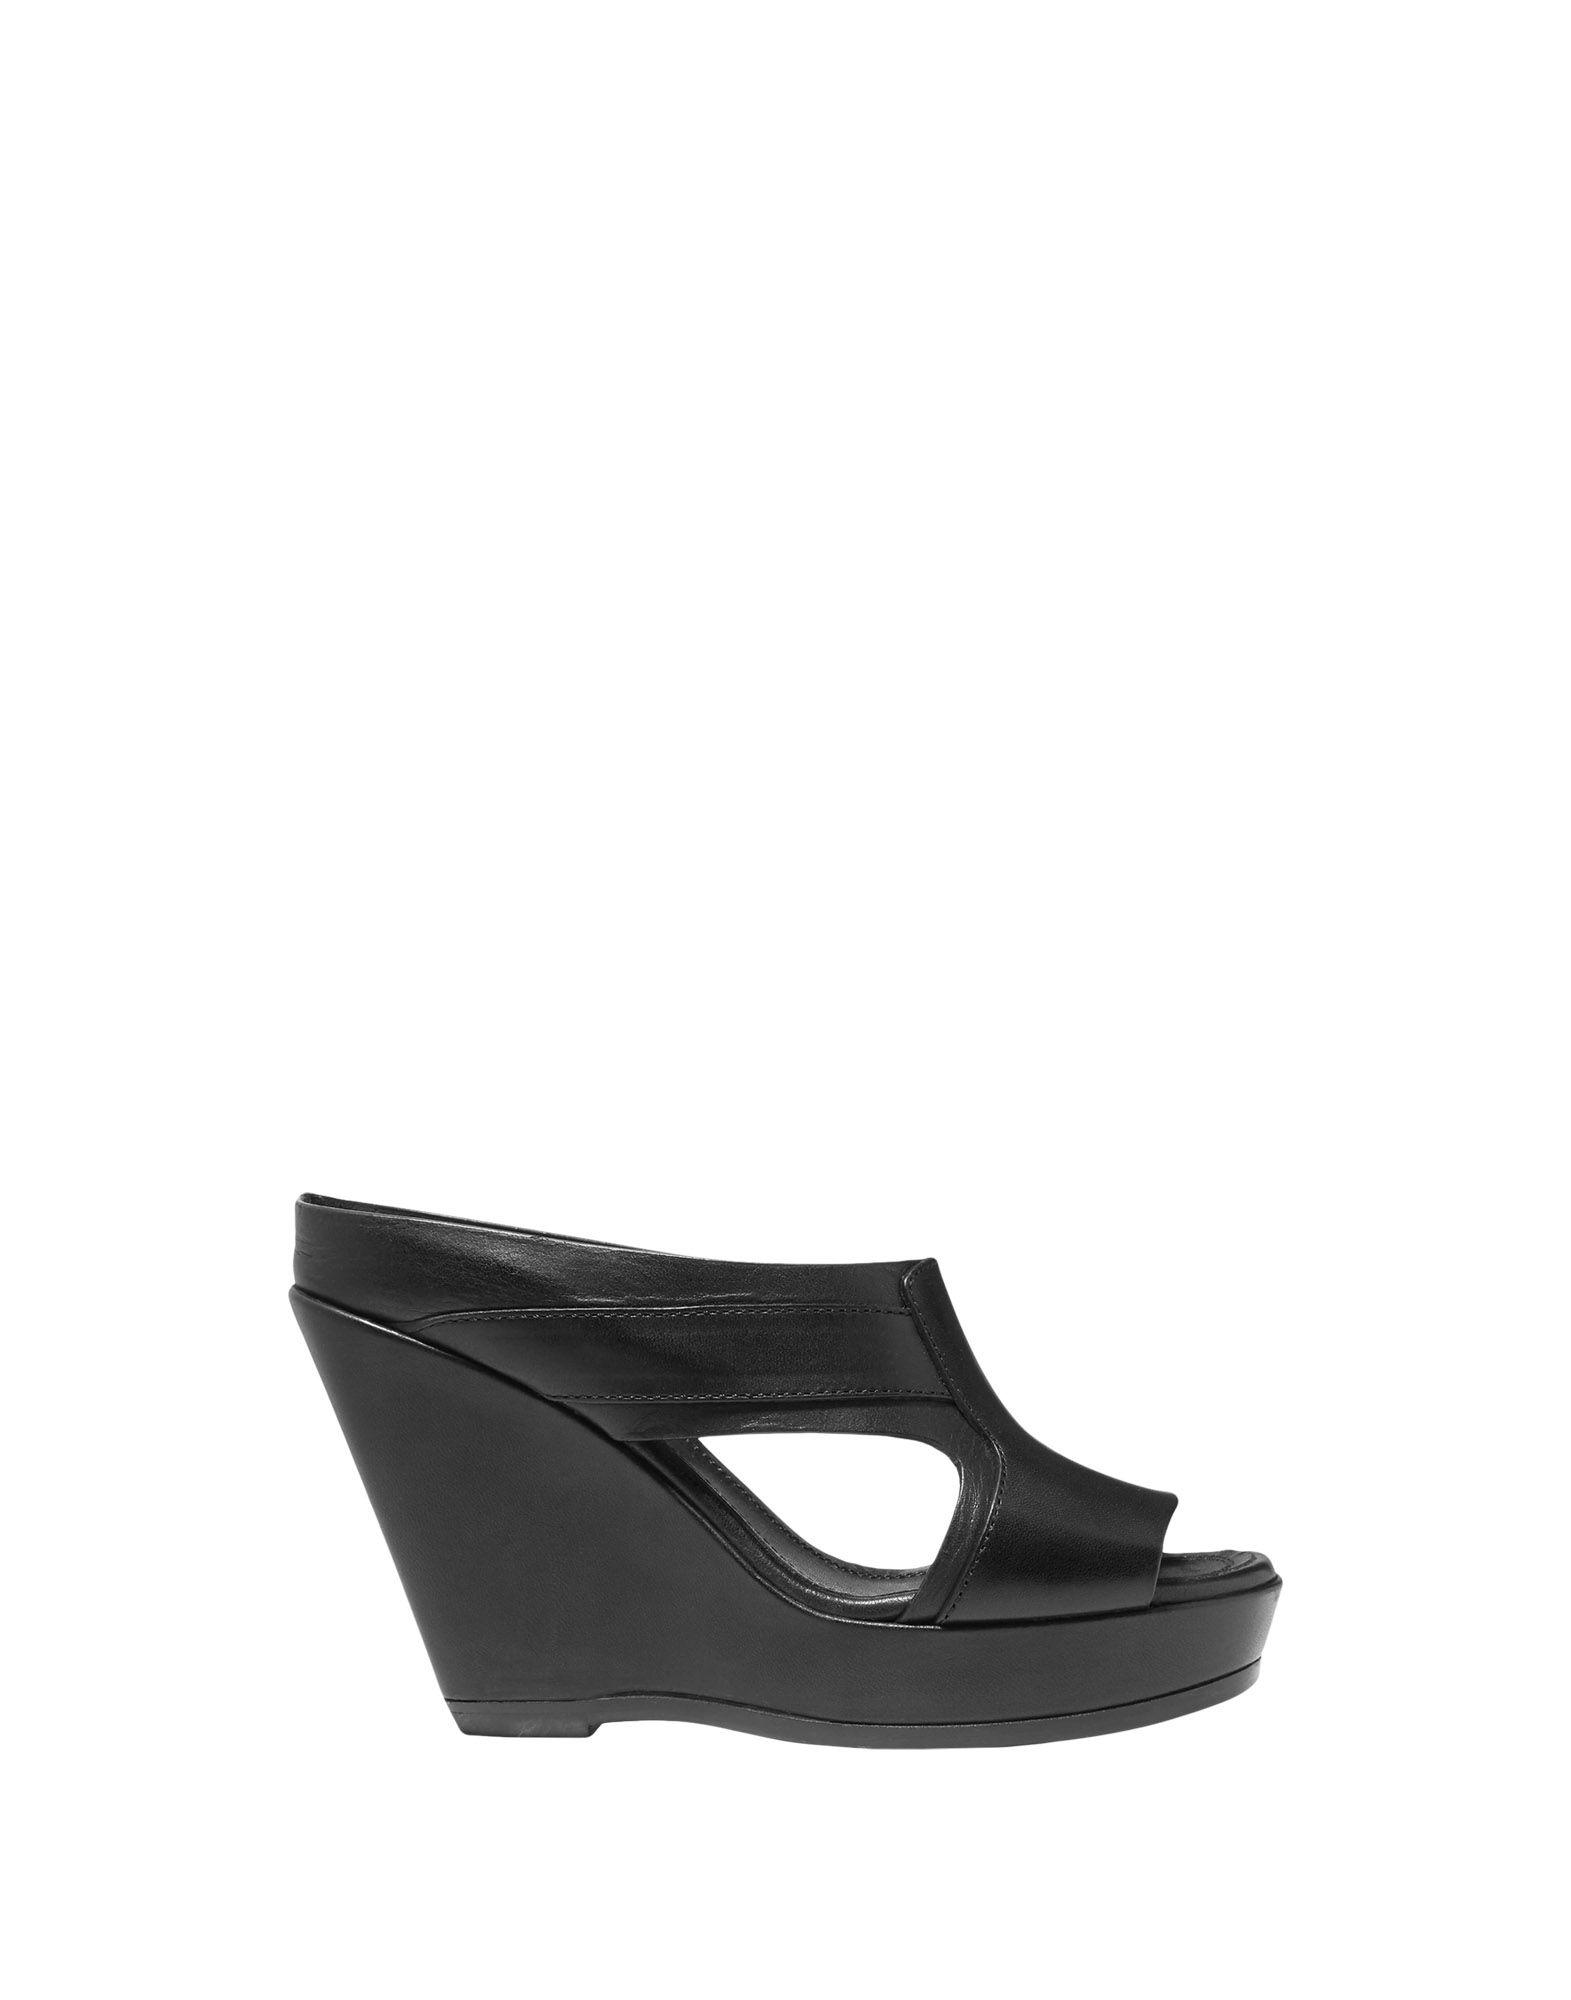 Rick Owens Sandalen Damen aussehende  11514764GJGünstige gut aussehende Damen Schuhe 35a59c